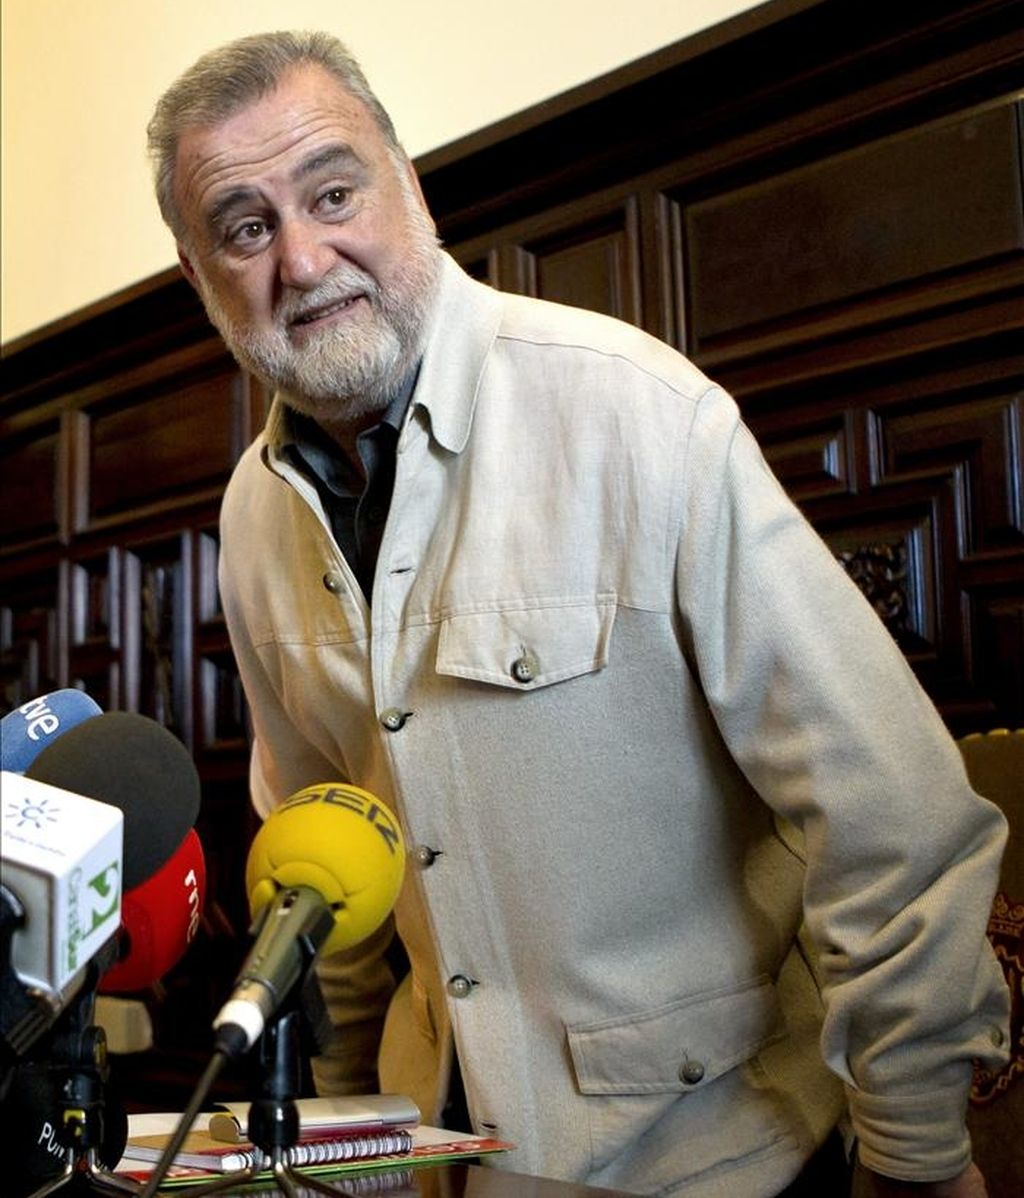 El primer teniente de alcalde del Ayuntamiento de Sevilla, Antonio Rodrigo Torrijos (IU), ha rechazado hoy dimitir de su cargo y ha asegurado que, tras ser imputado por la juez que investiga el caso Mercasevilla, mantendrá su candidatura a la Alcaldía de la capital andaluza. EFE